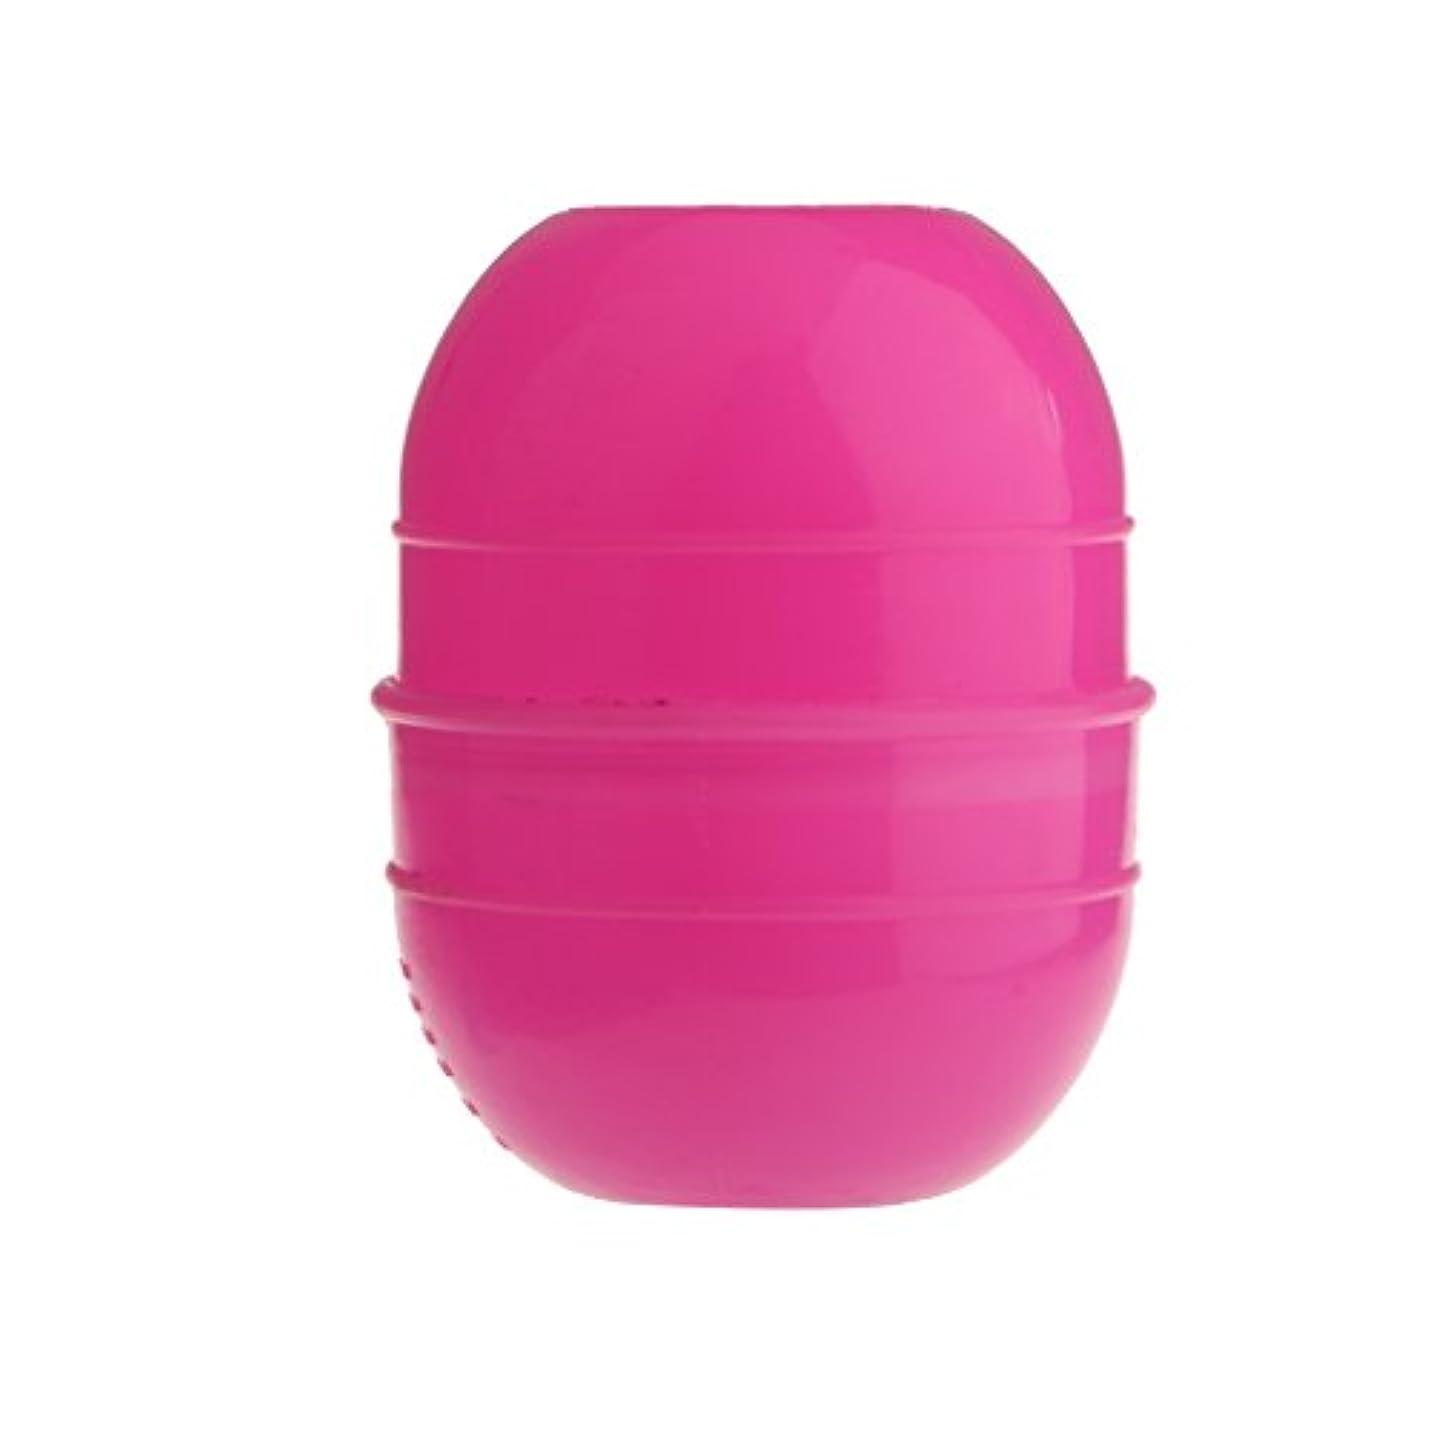 野ウサギ乳剤離れたヘアカラー ボウル 髪染め 色合いボウル ミキシングボウル 染毛剤ボール 全2色 - ローズレッド